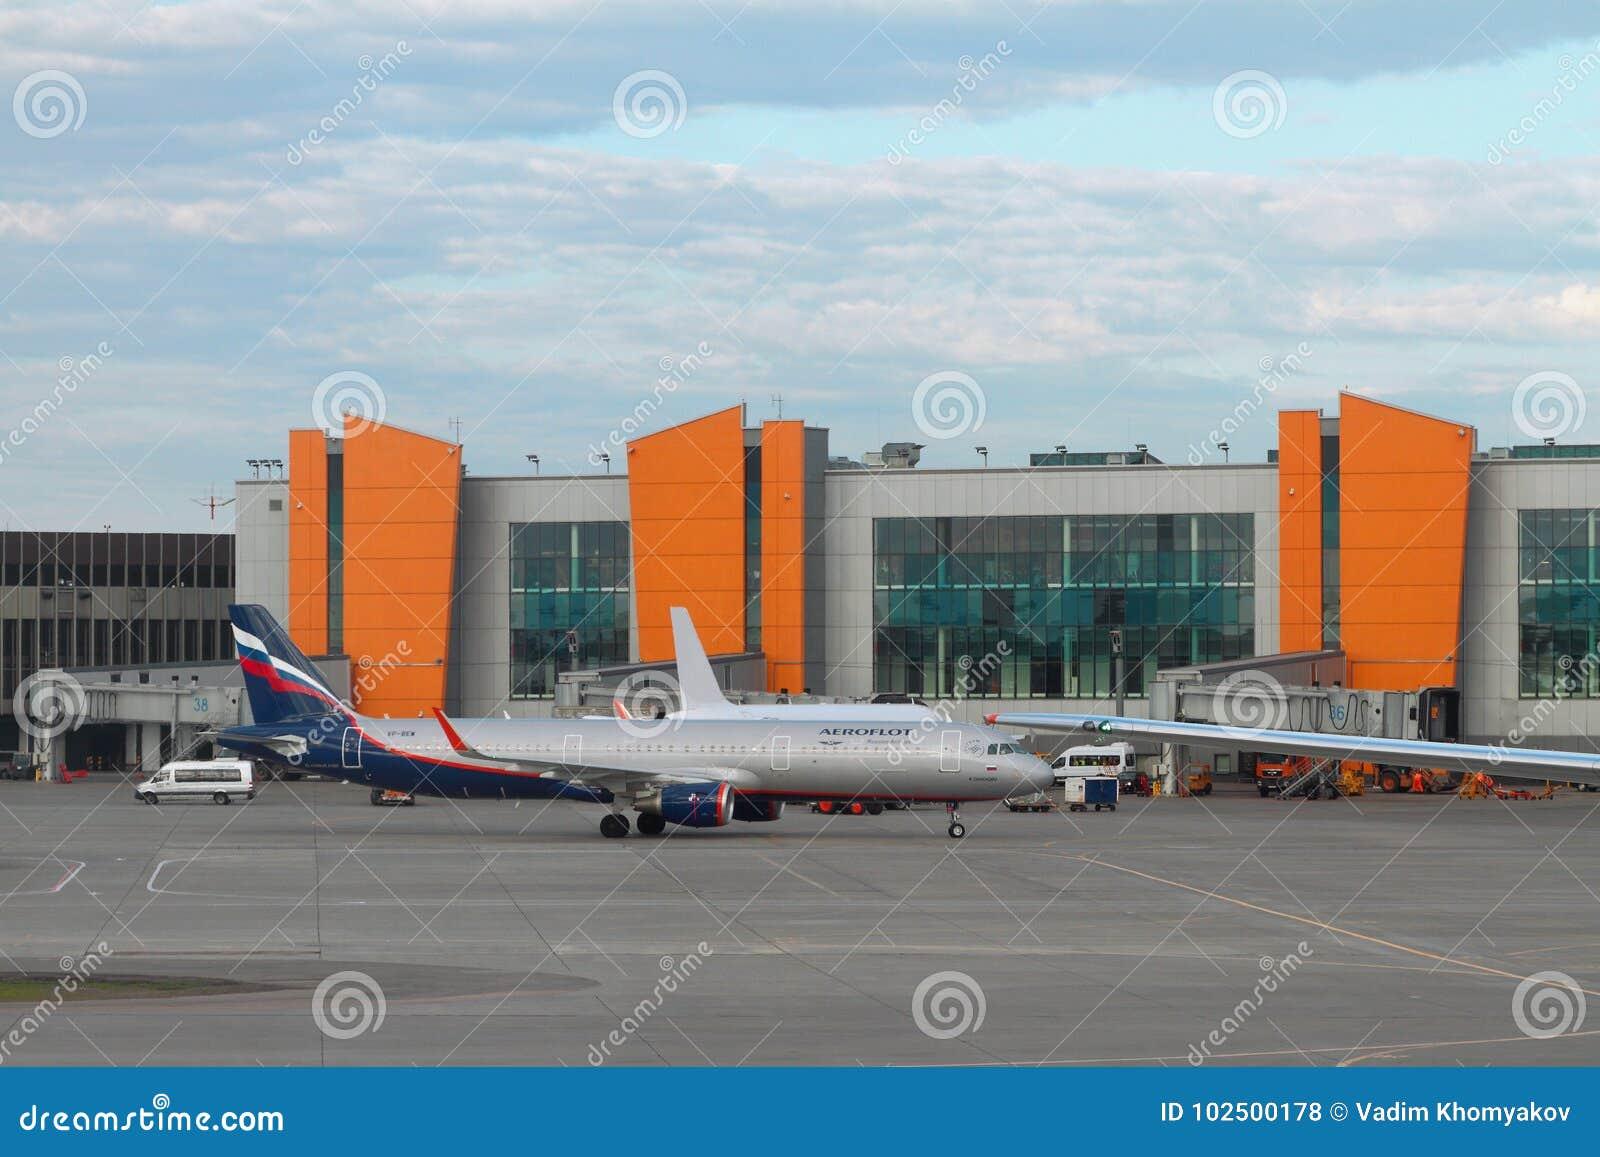 Sheremetyevo, Moskau, Russland - 1. Juli 2017: Passagierflugzeug auf Service am Flughafen